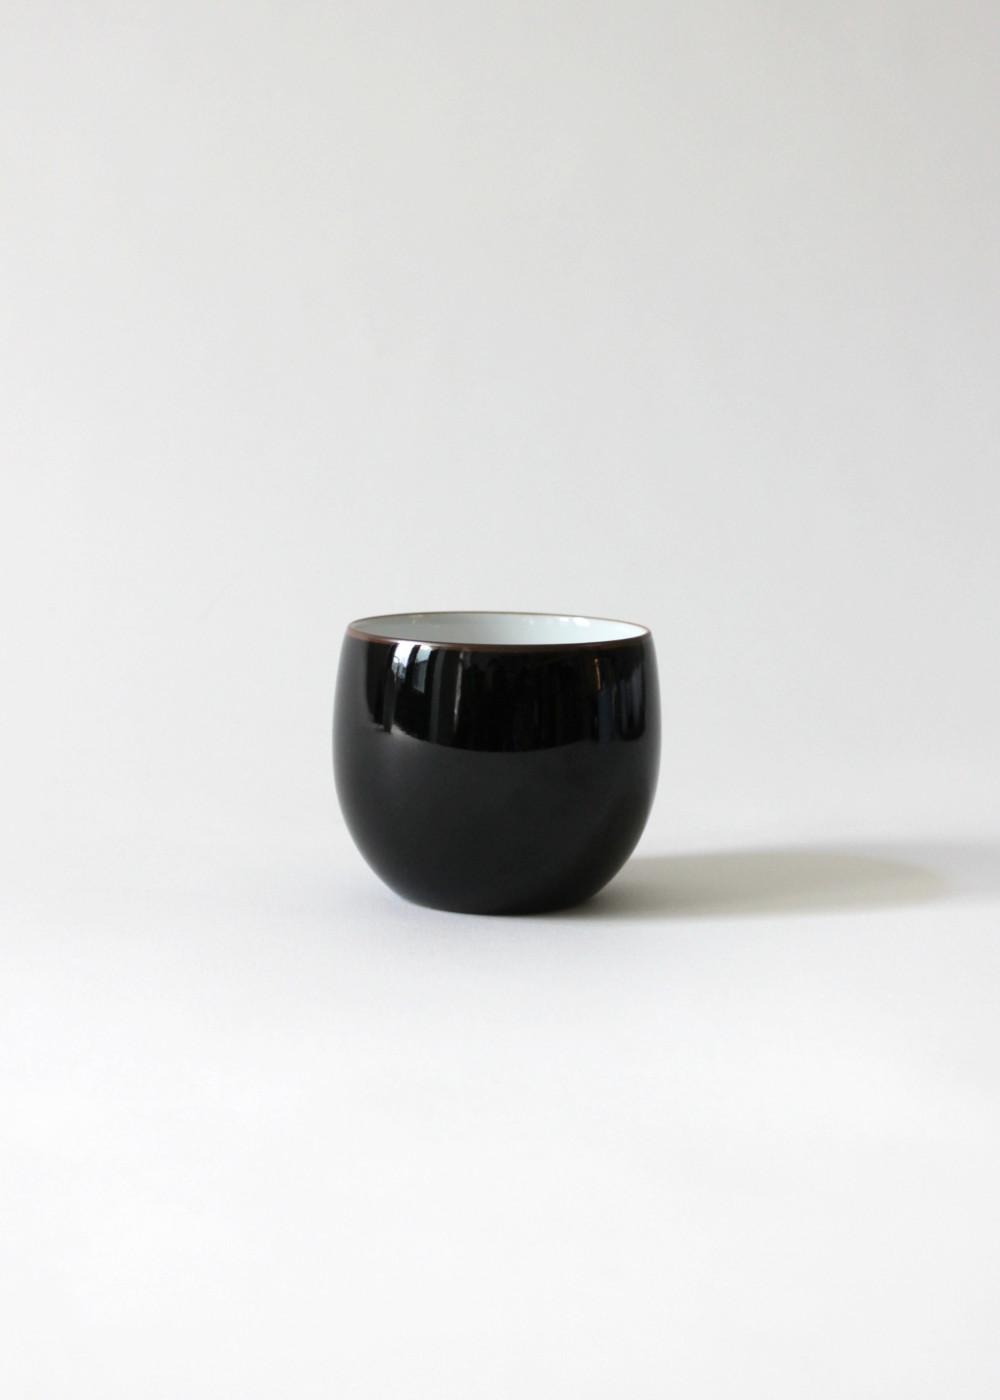 Hakusanporcelain-Basic-Teacup